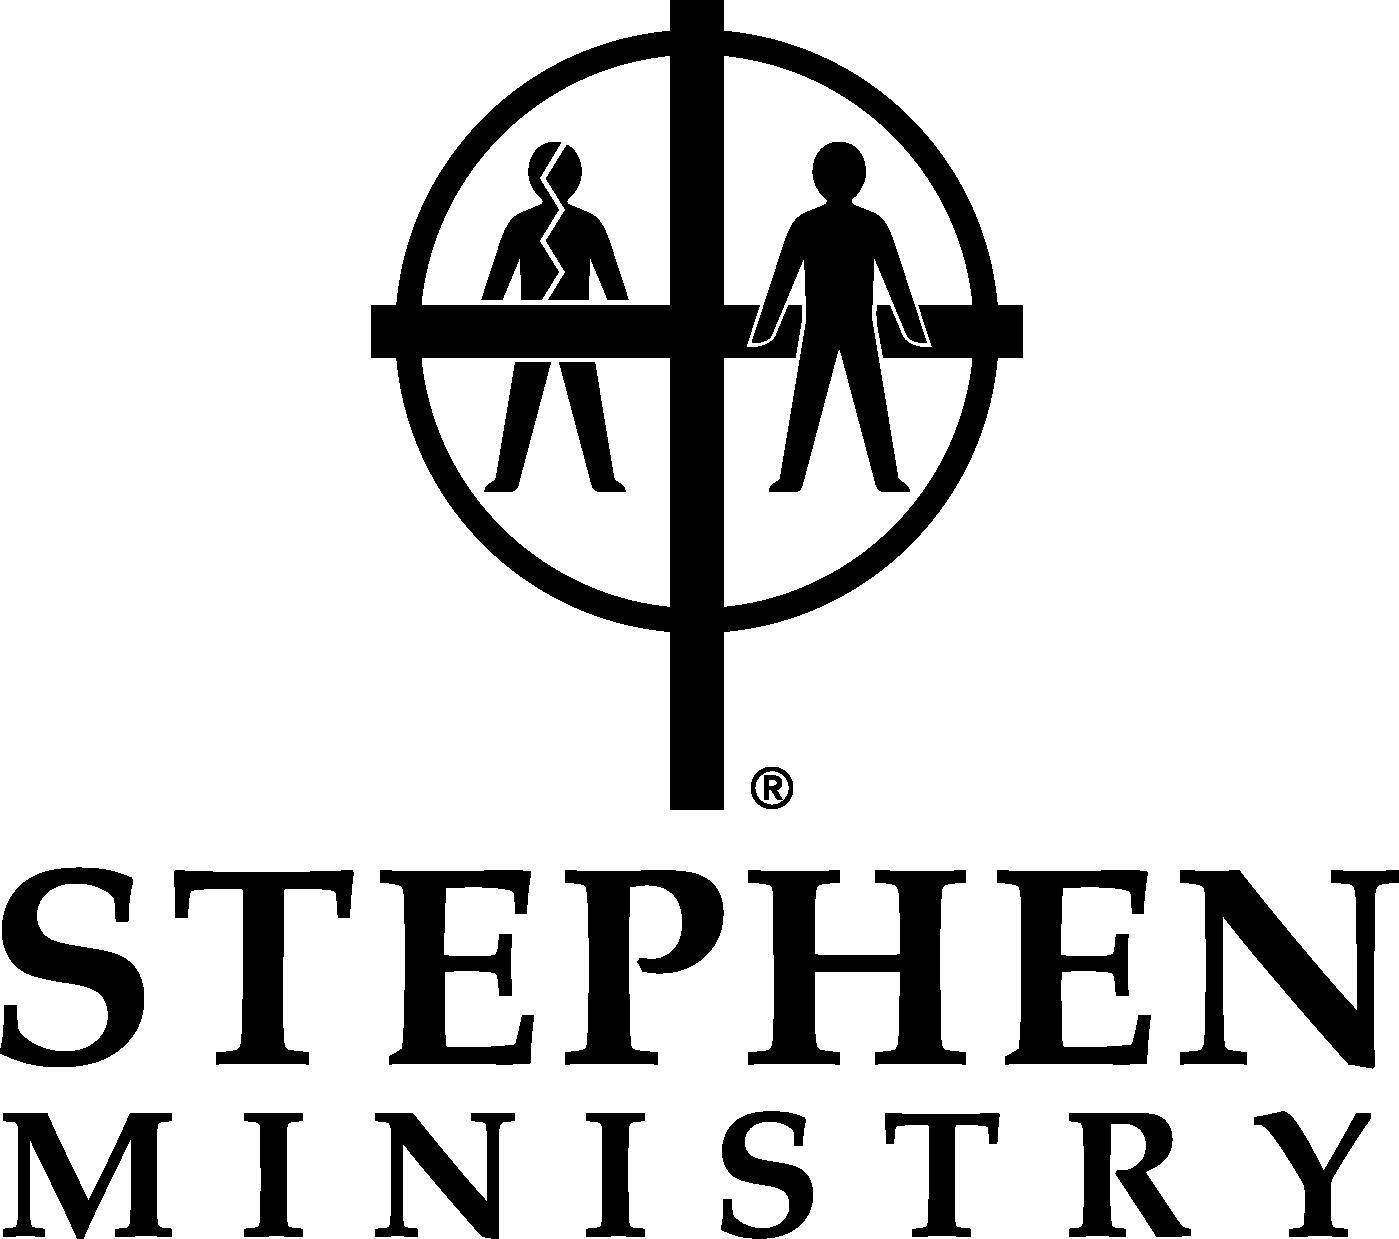 SS_logo_title_black